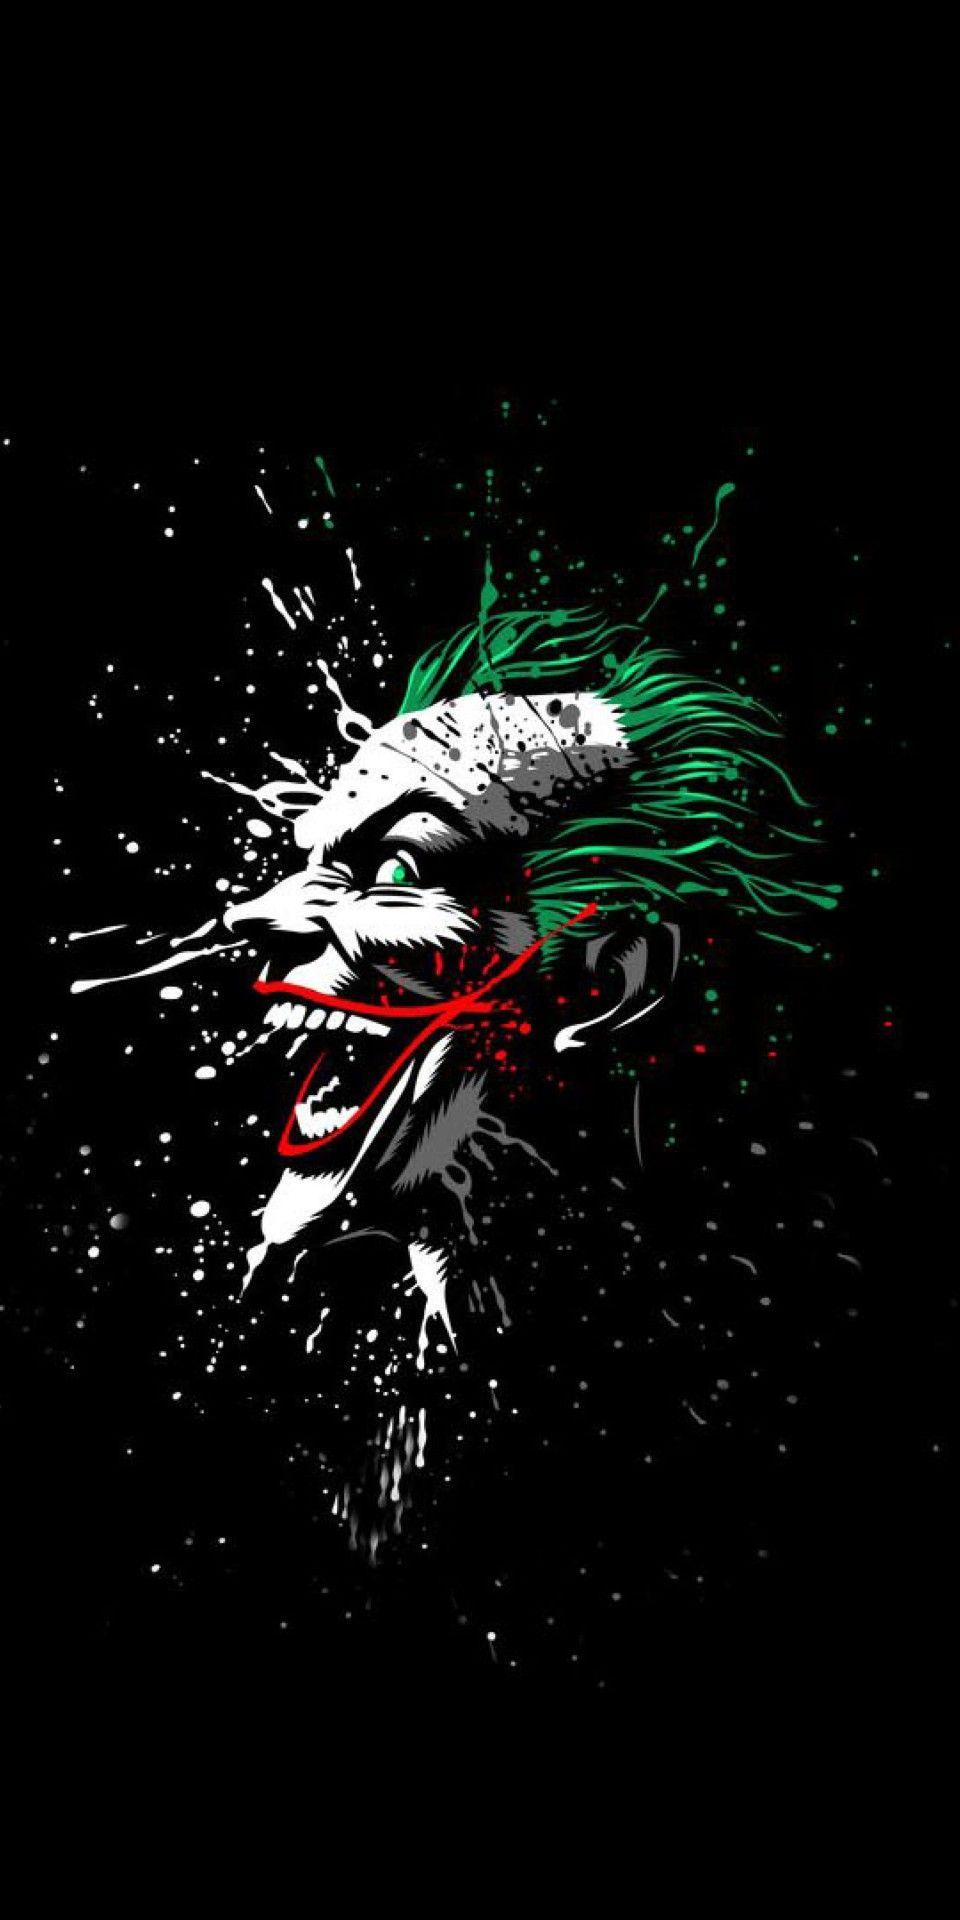 Pin By Dhan Dhan On Super Heroes Pictures Joker Artwork Joker Hd Wallpaper Joker Wallpapers